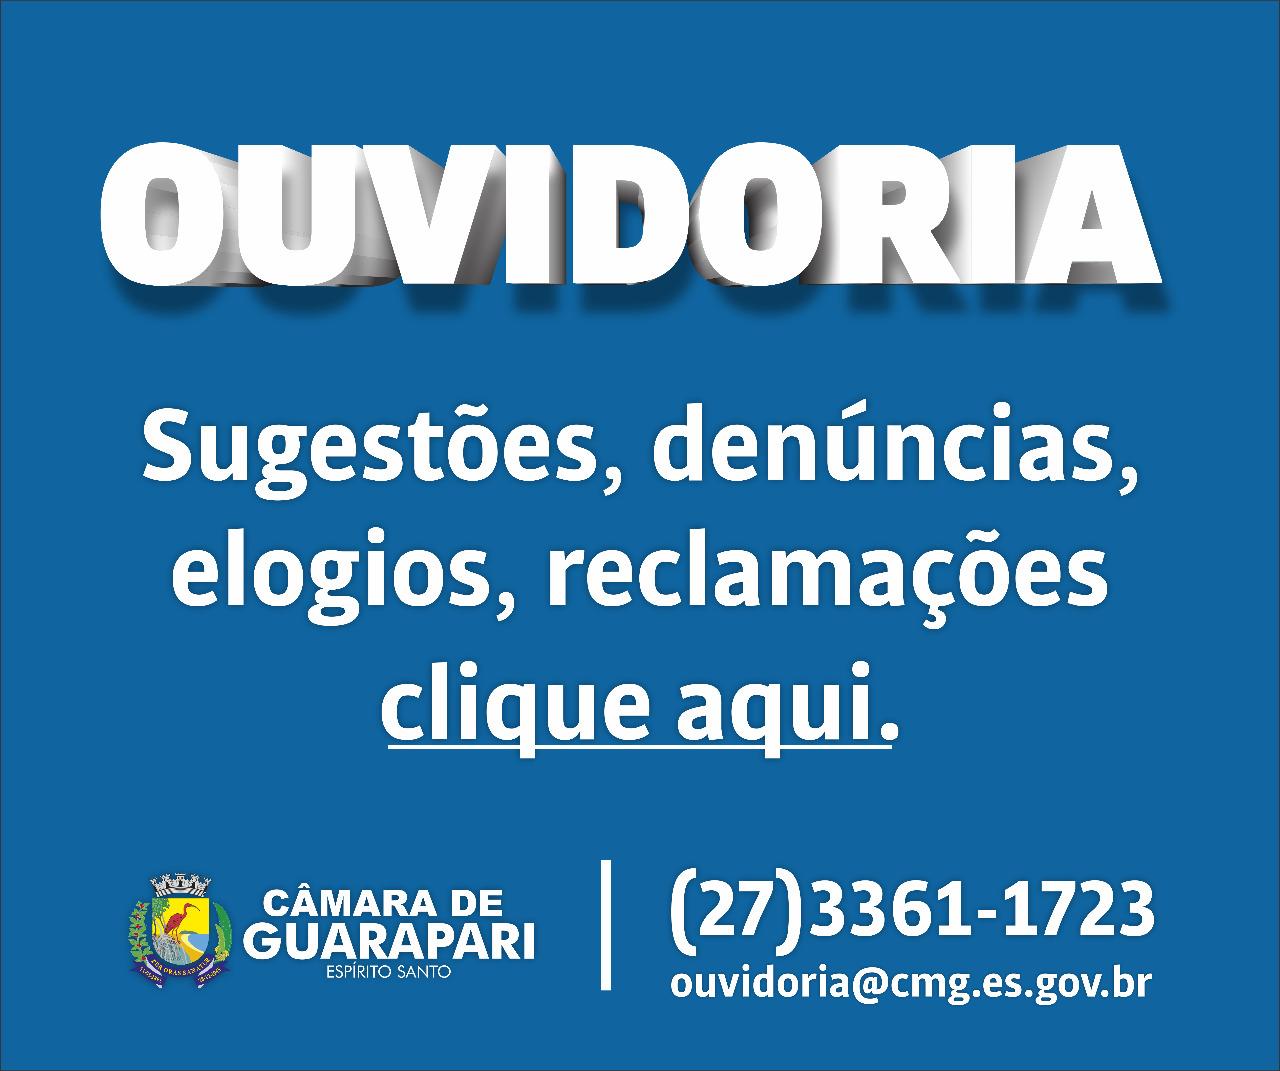 Fale com a Ouvidoria!